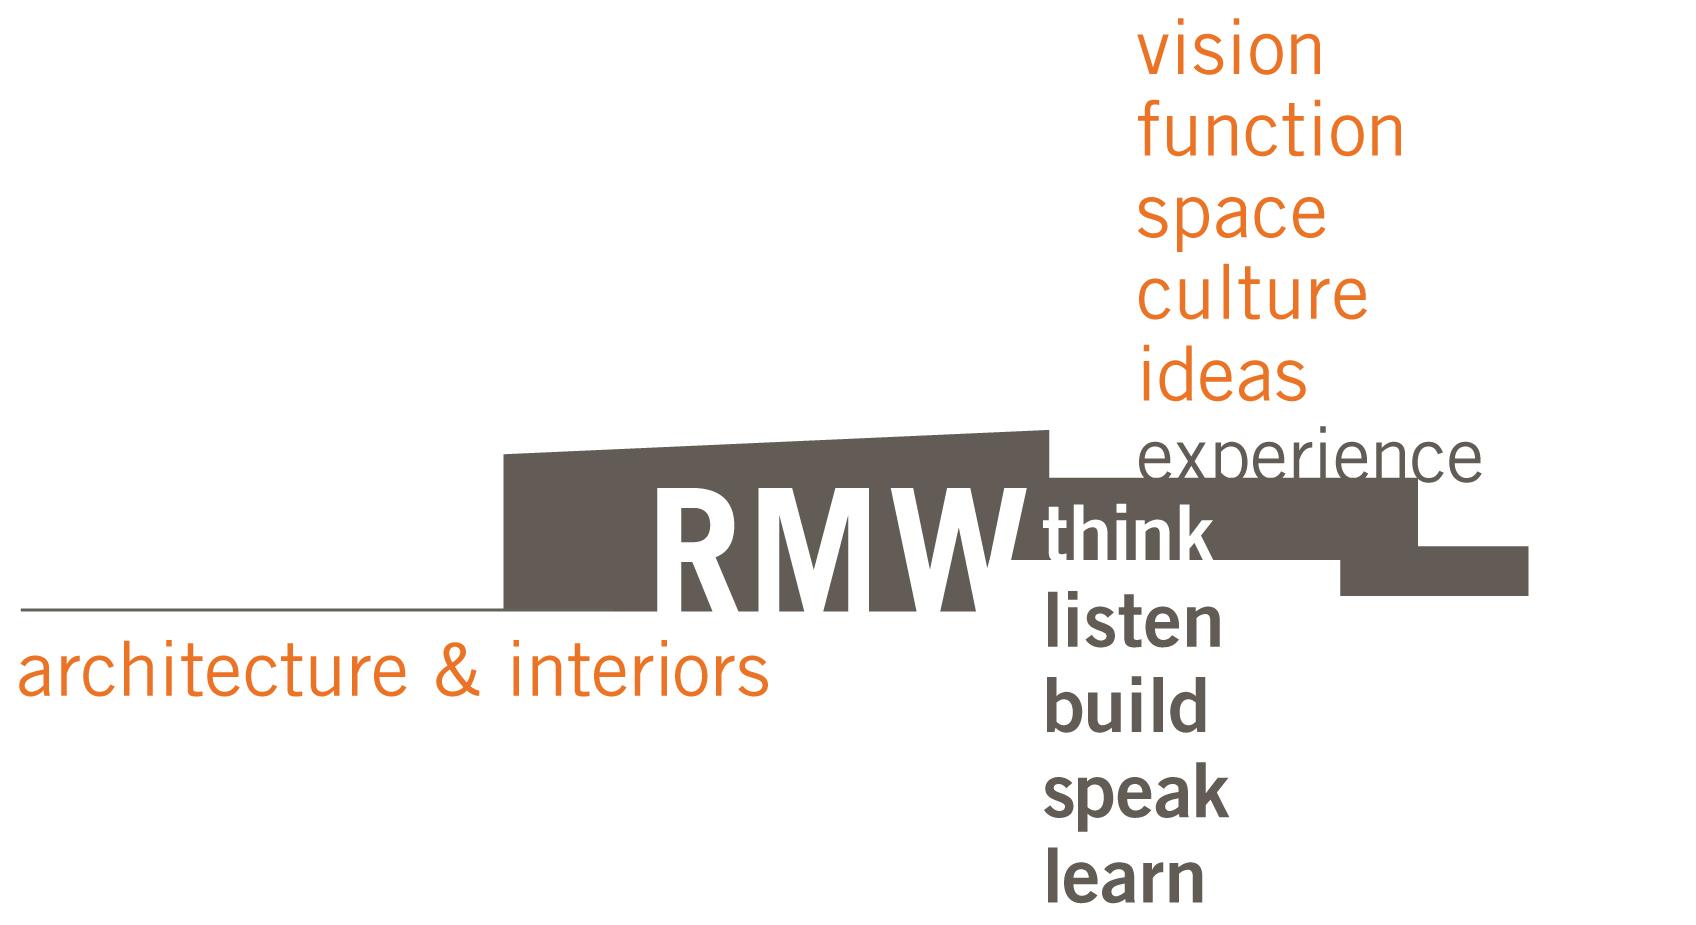 RMW Architecture & Interiors - Urbanism Sponsor